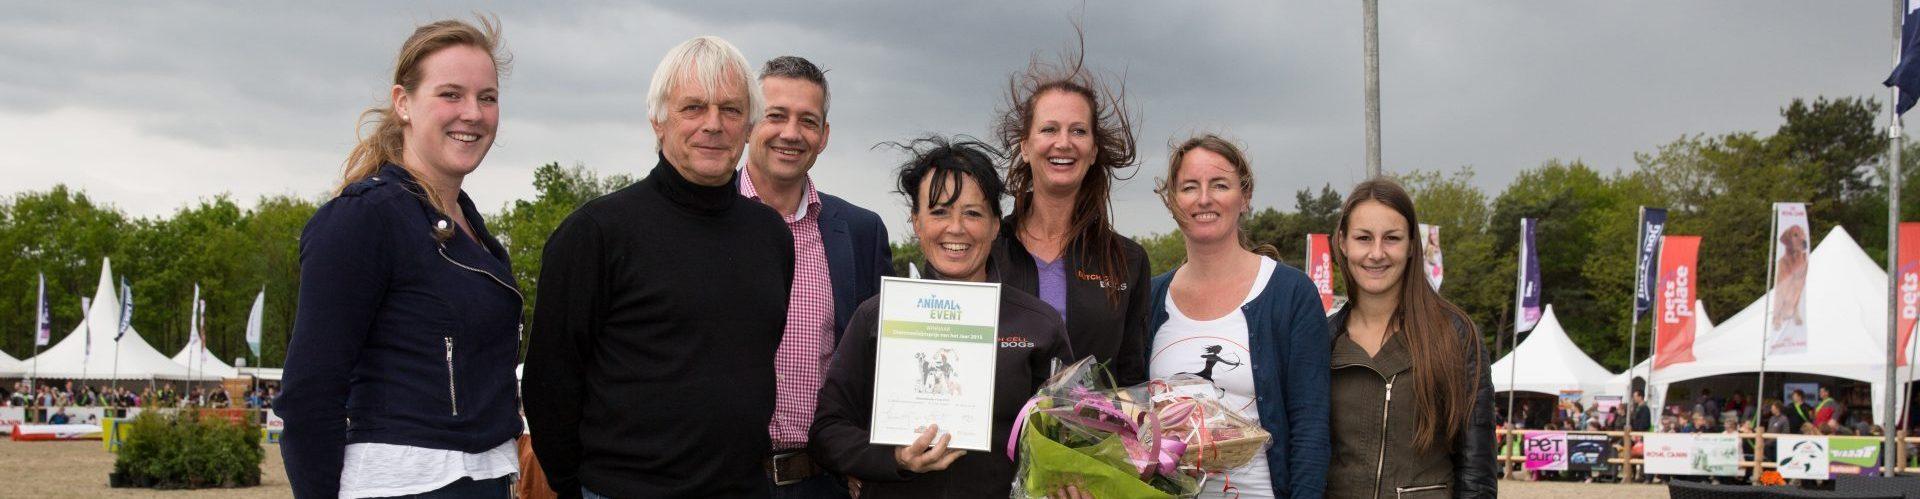 Stichting Dutch Cell Dogs, winnaar Dierenwelzijnsprijs 2015